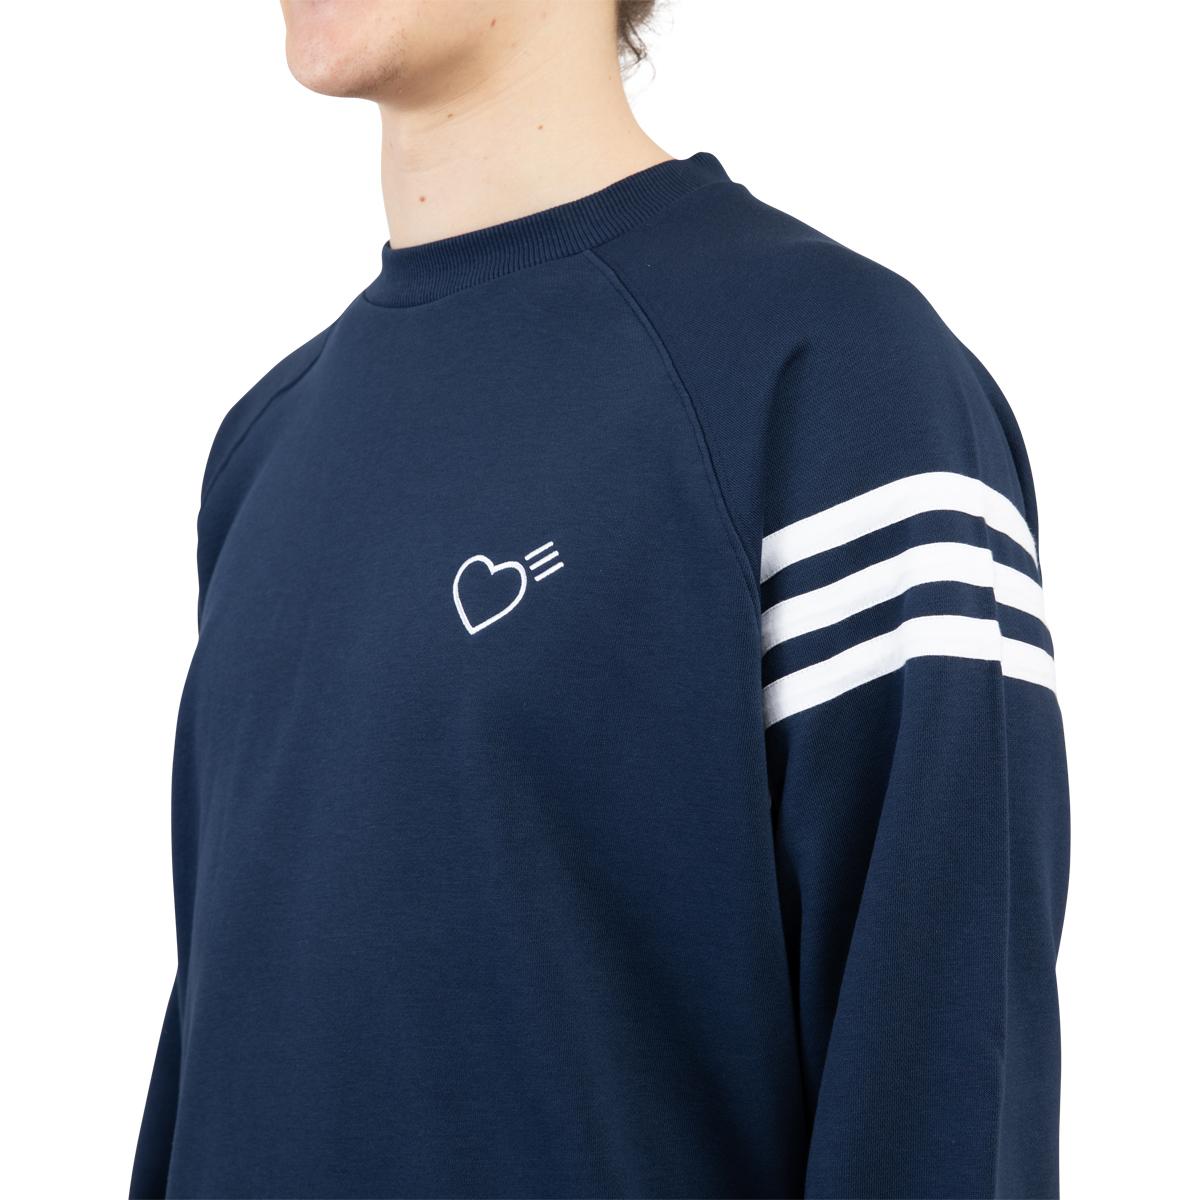 adidas X Human Made Sweatshirt